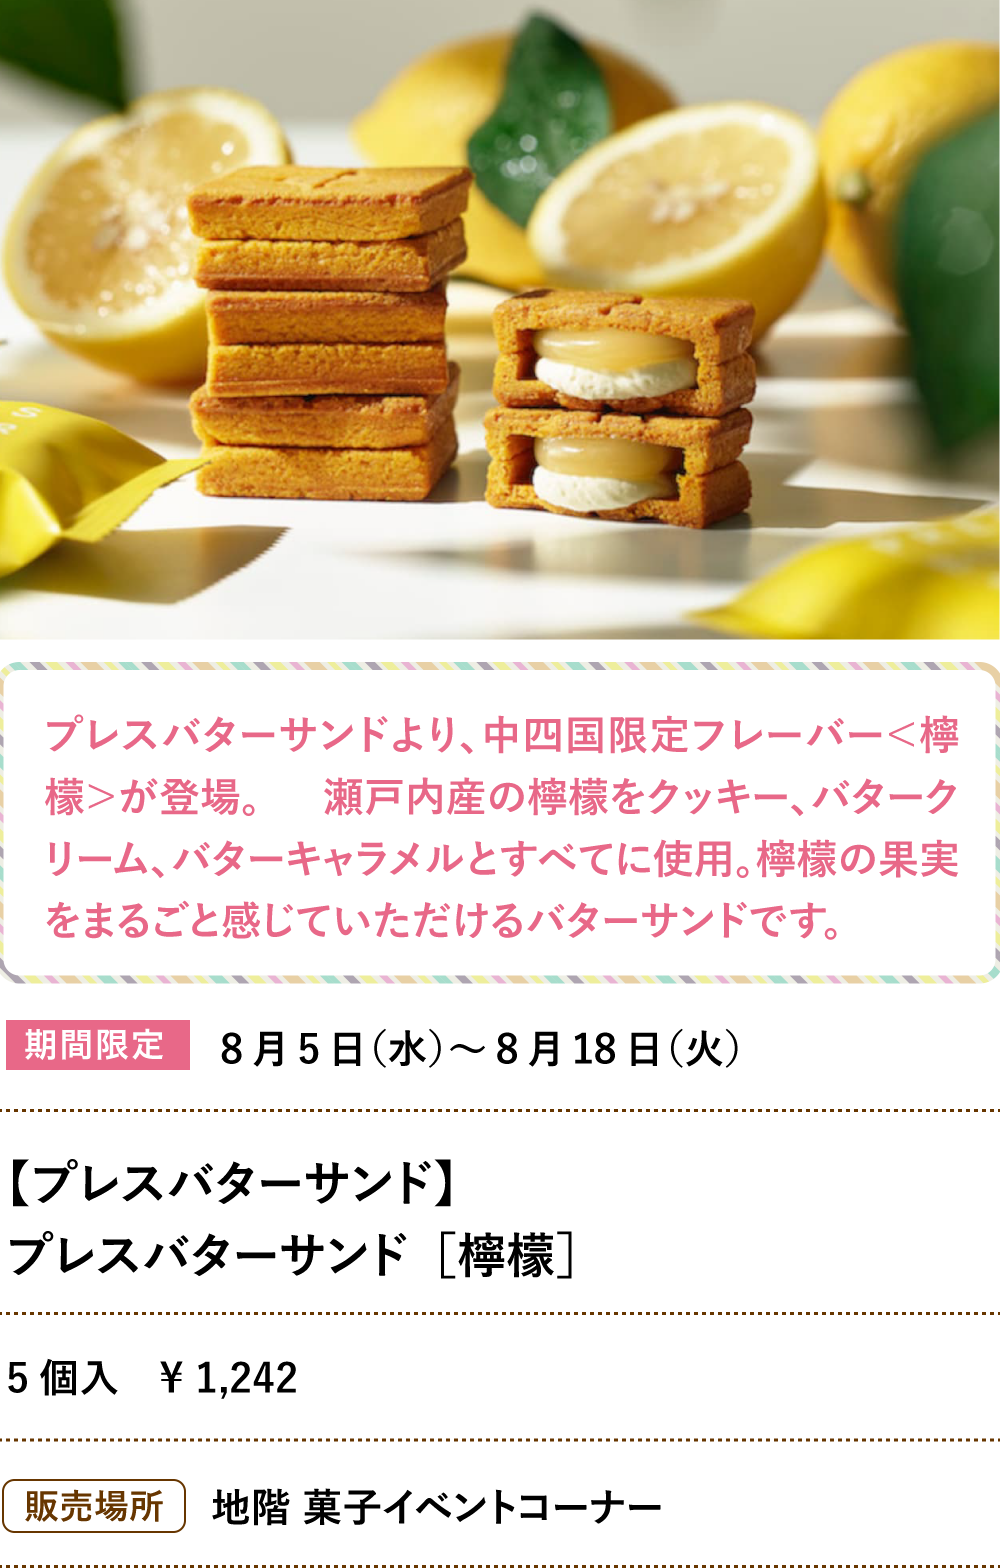 【プレスバターサンド】プレスバターサンド[檸檬]